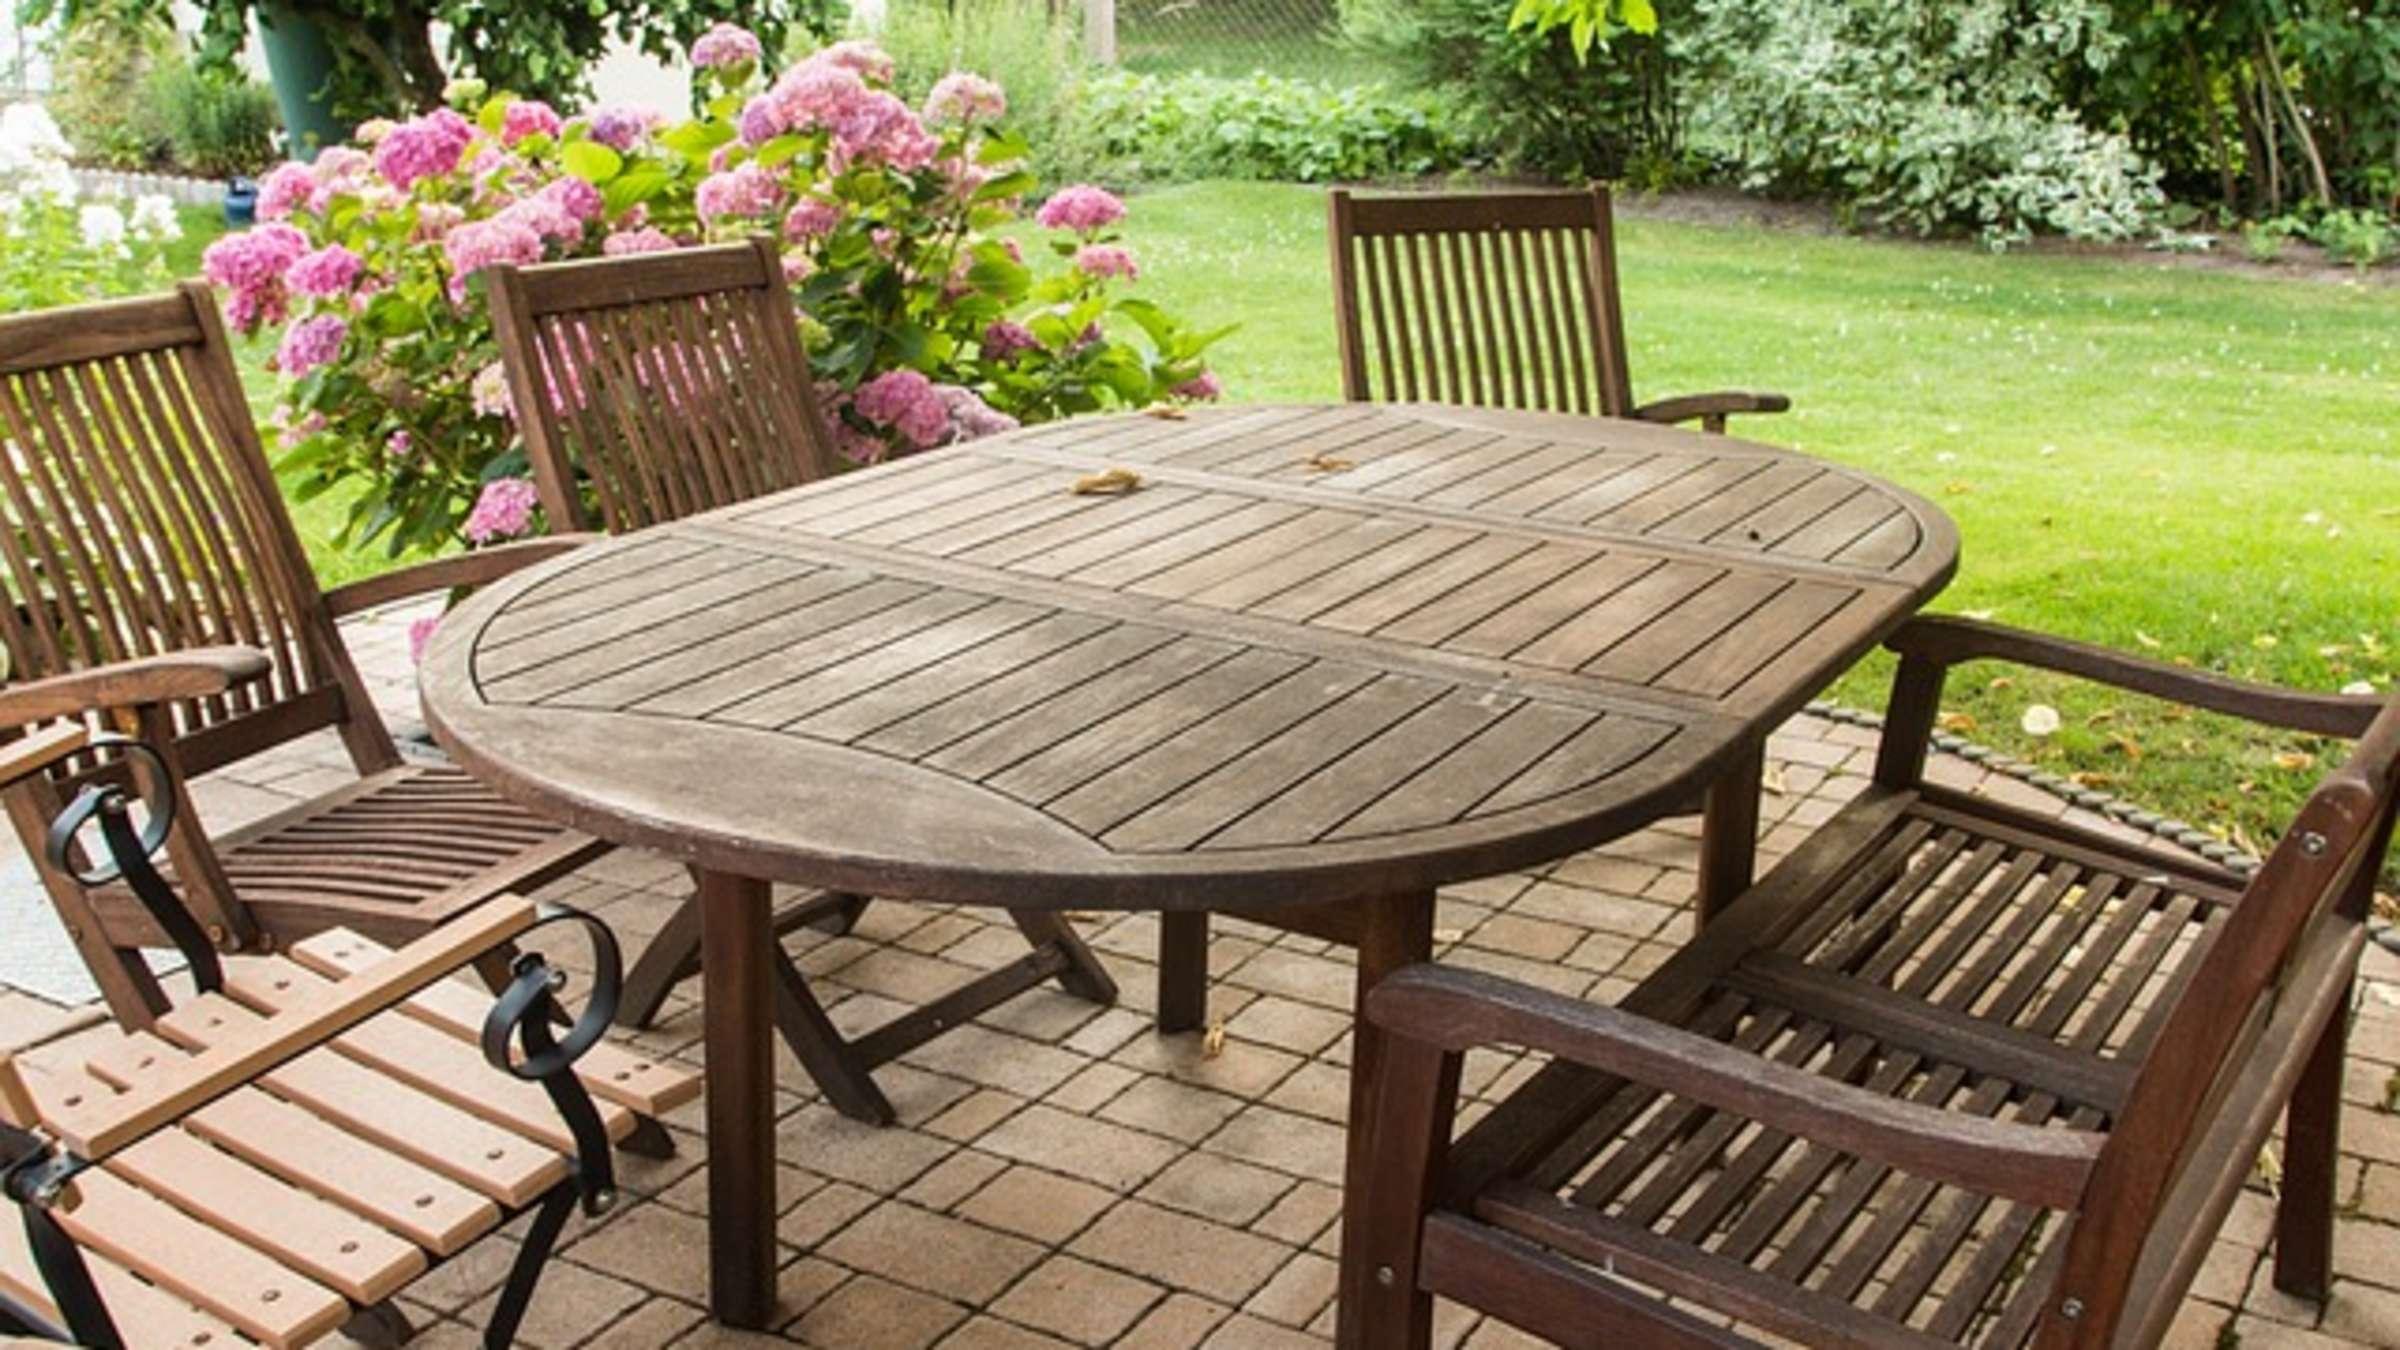 Full Size of Gartenliege Holz Ikea Gartenmbel Und Balkonmbel Reinigen Mit Diesen Hausmitteln Regal Weiß Holztisch Garten Altholz Esstisch Miniküche Massivholz Bett Betten Wohnzimmer Gartenliege Holz Ikea